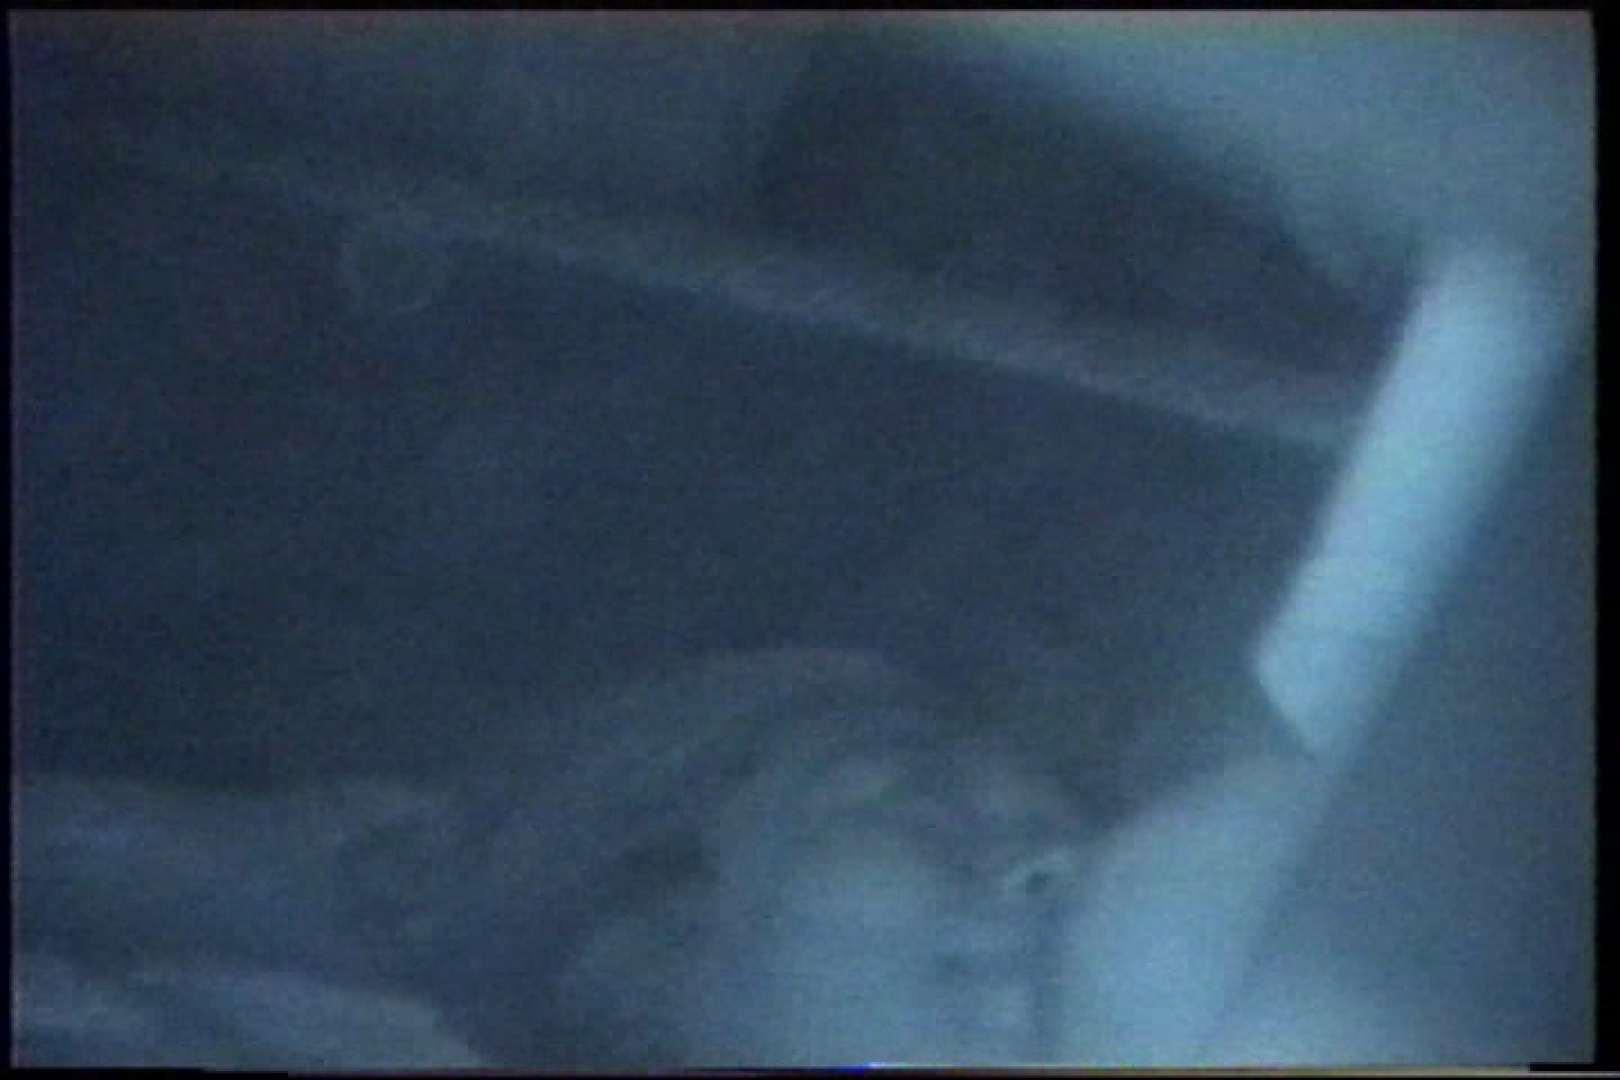 充血監督の深夜の運動会Vol.209 エロティックなOL AV無料 88画像 42